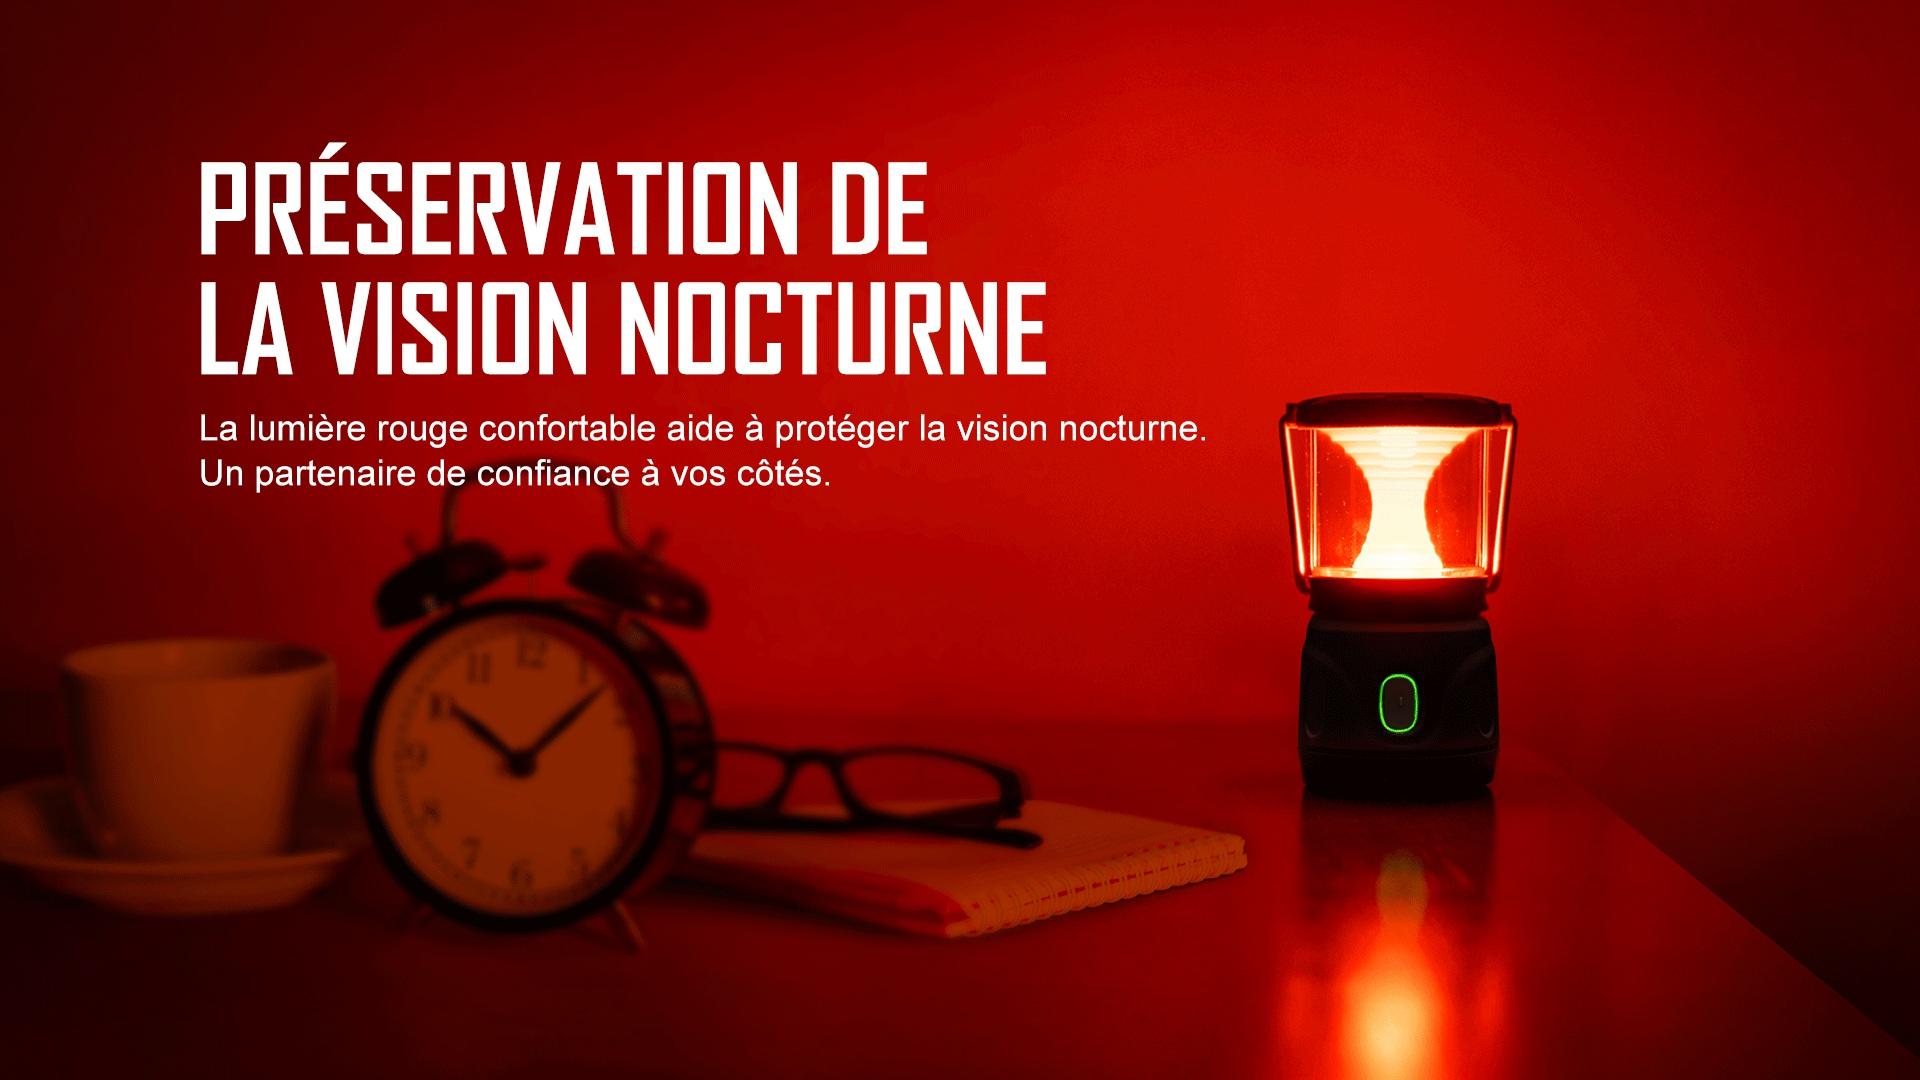 antene rechargeable peut produire une lumière rouge confortable